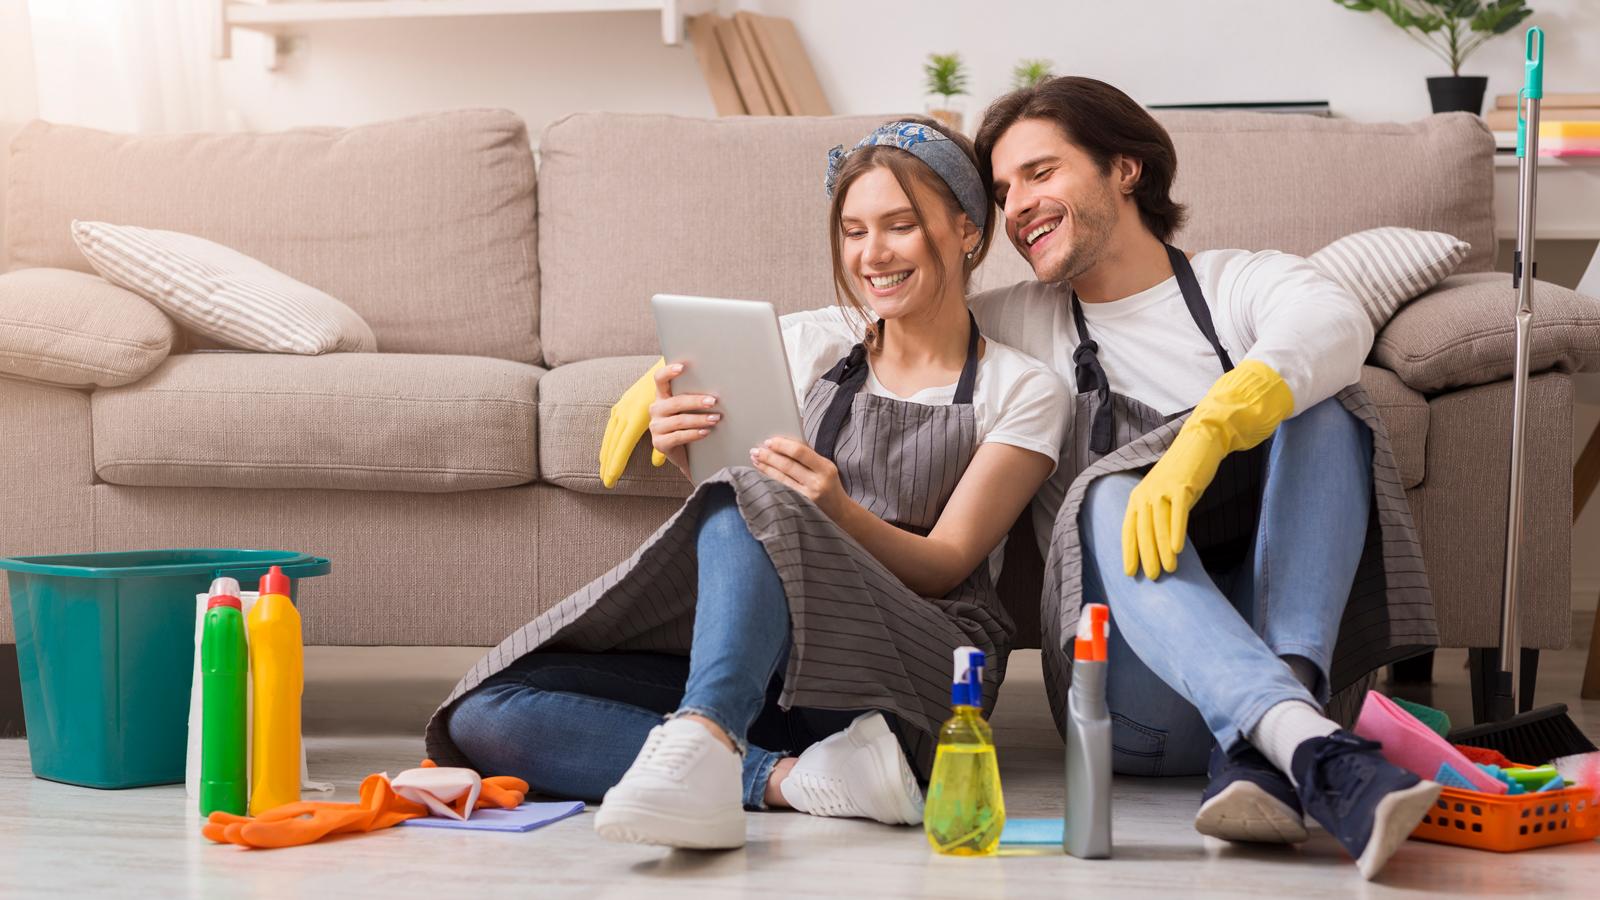 Wiosenne zakupy przeniosły się do internetu Finanse mediarun dom wiosna porządki 2020